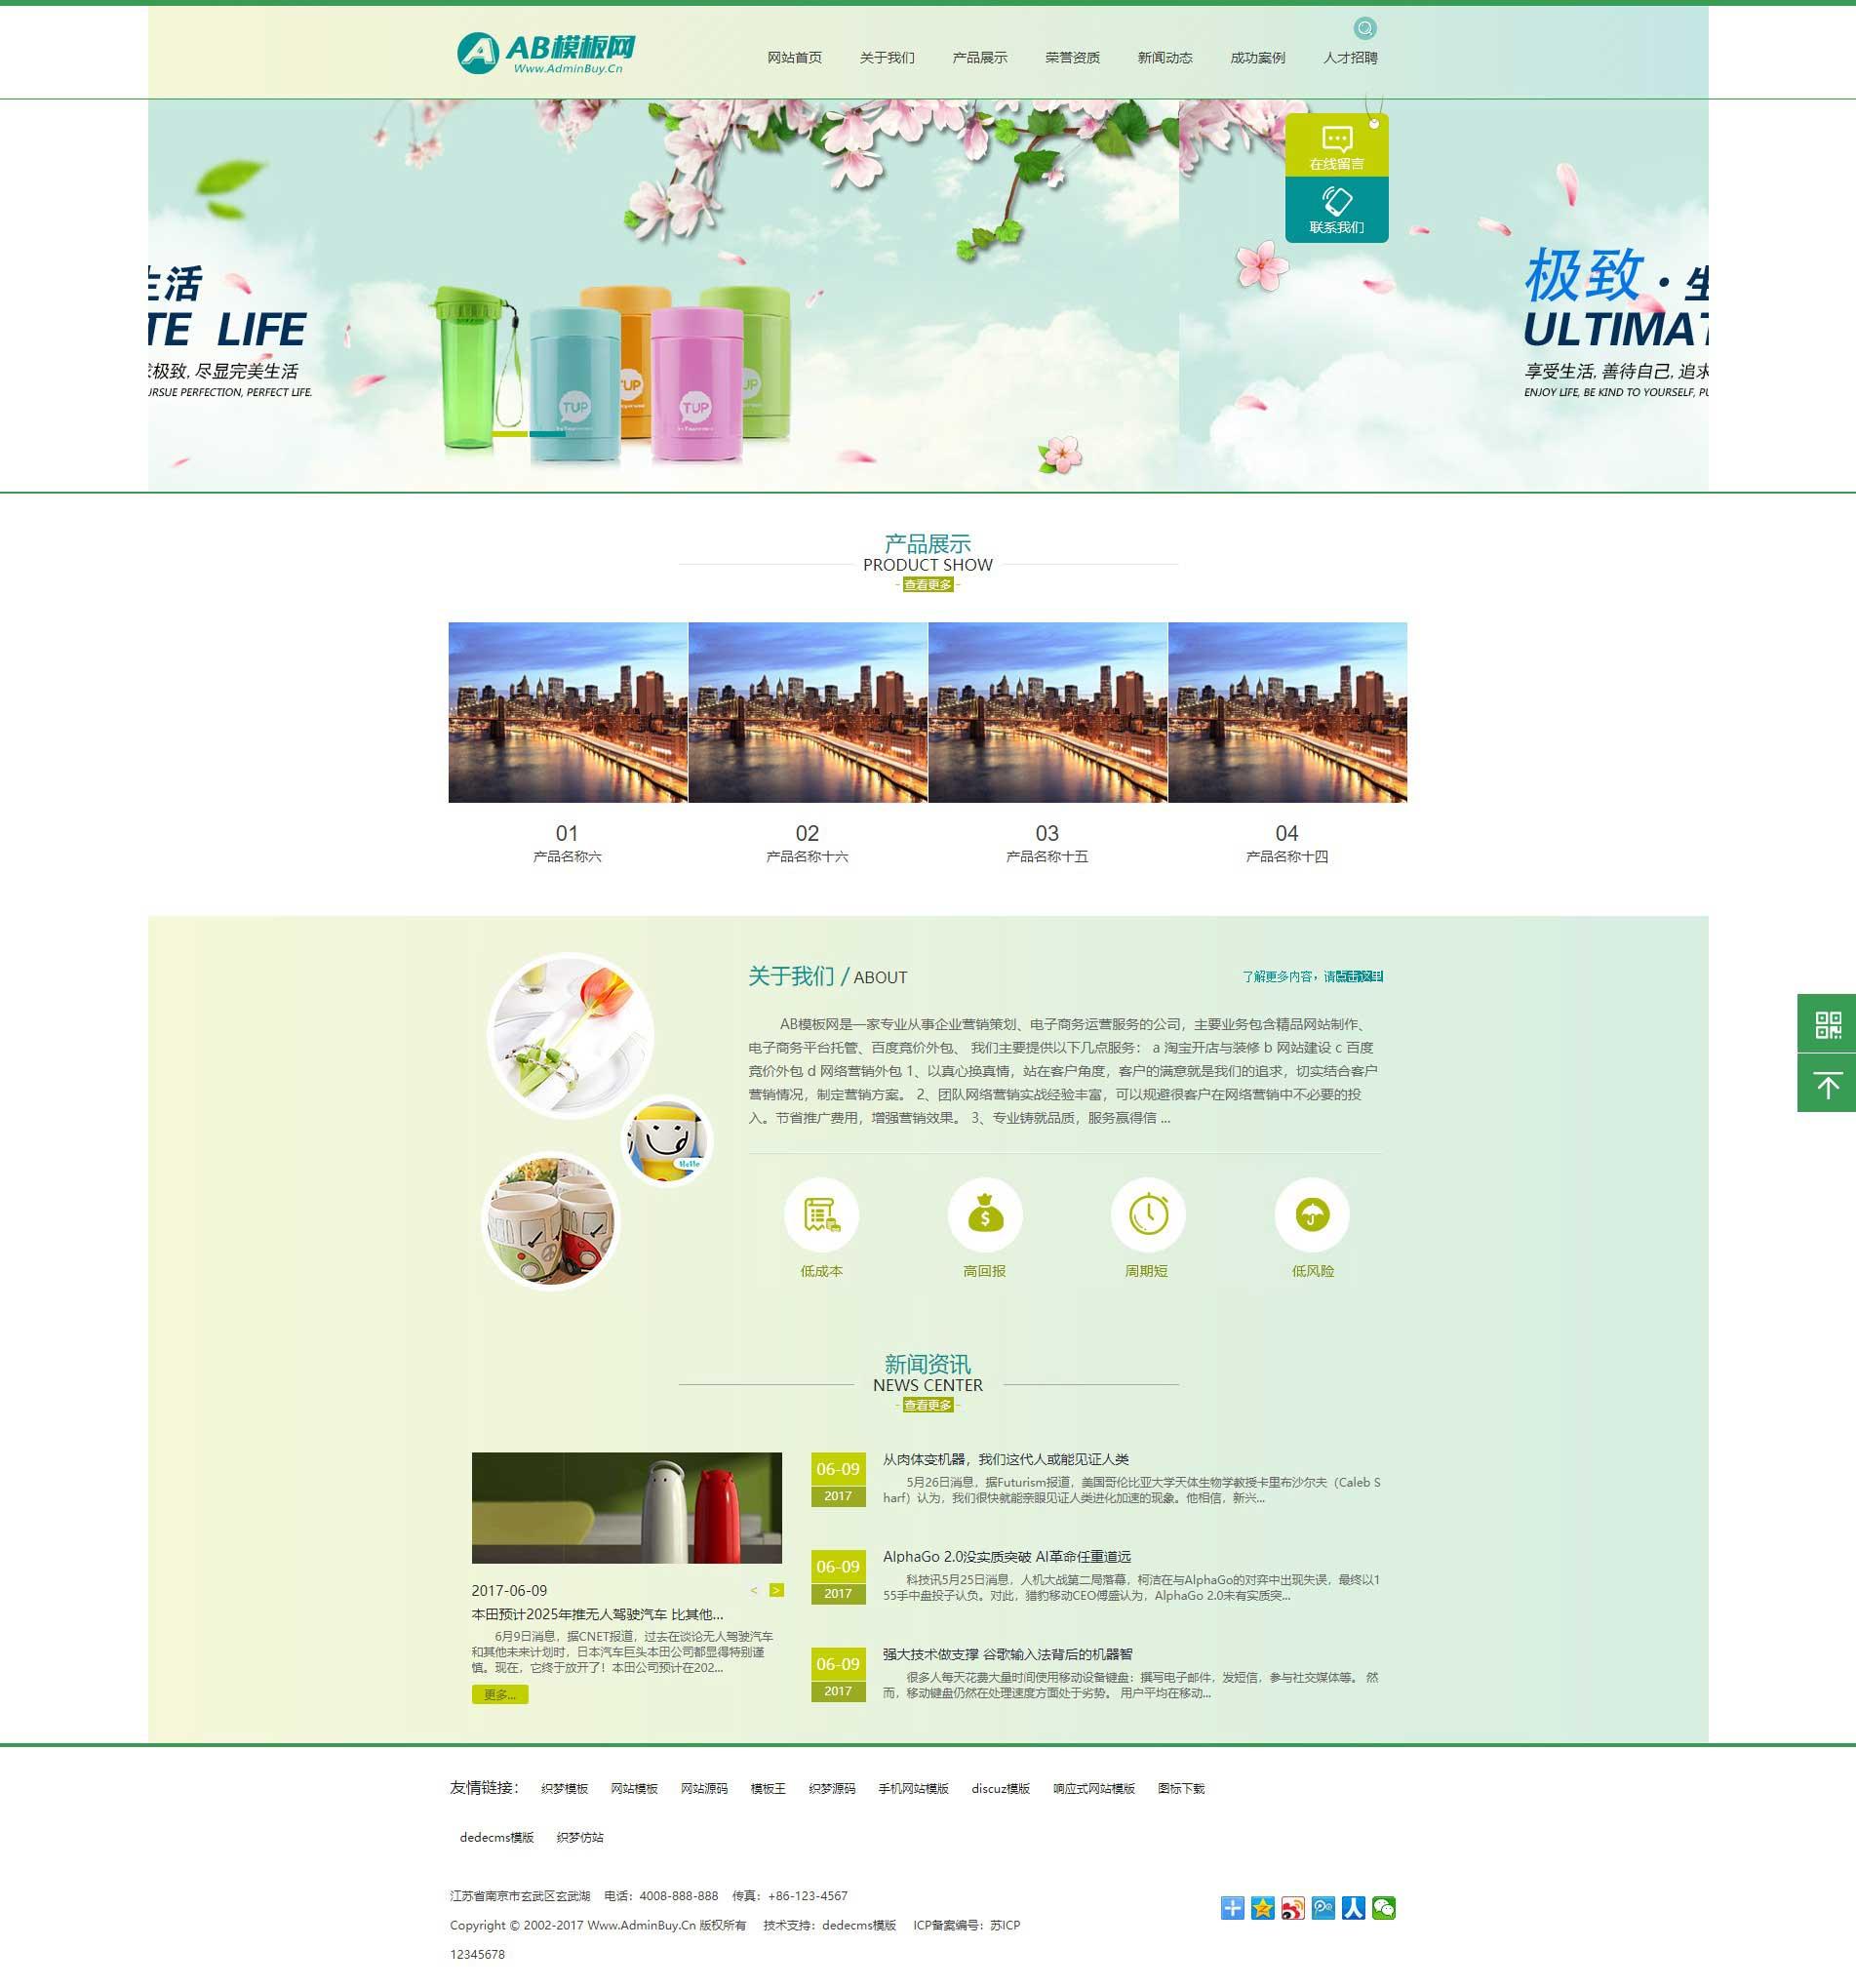 鹤云资源博客-生活用品企业网站织梦dede模板源码[带手机版数据同步]插图